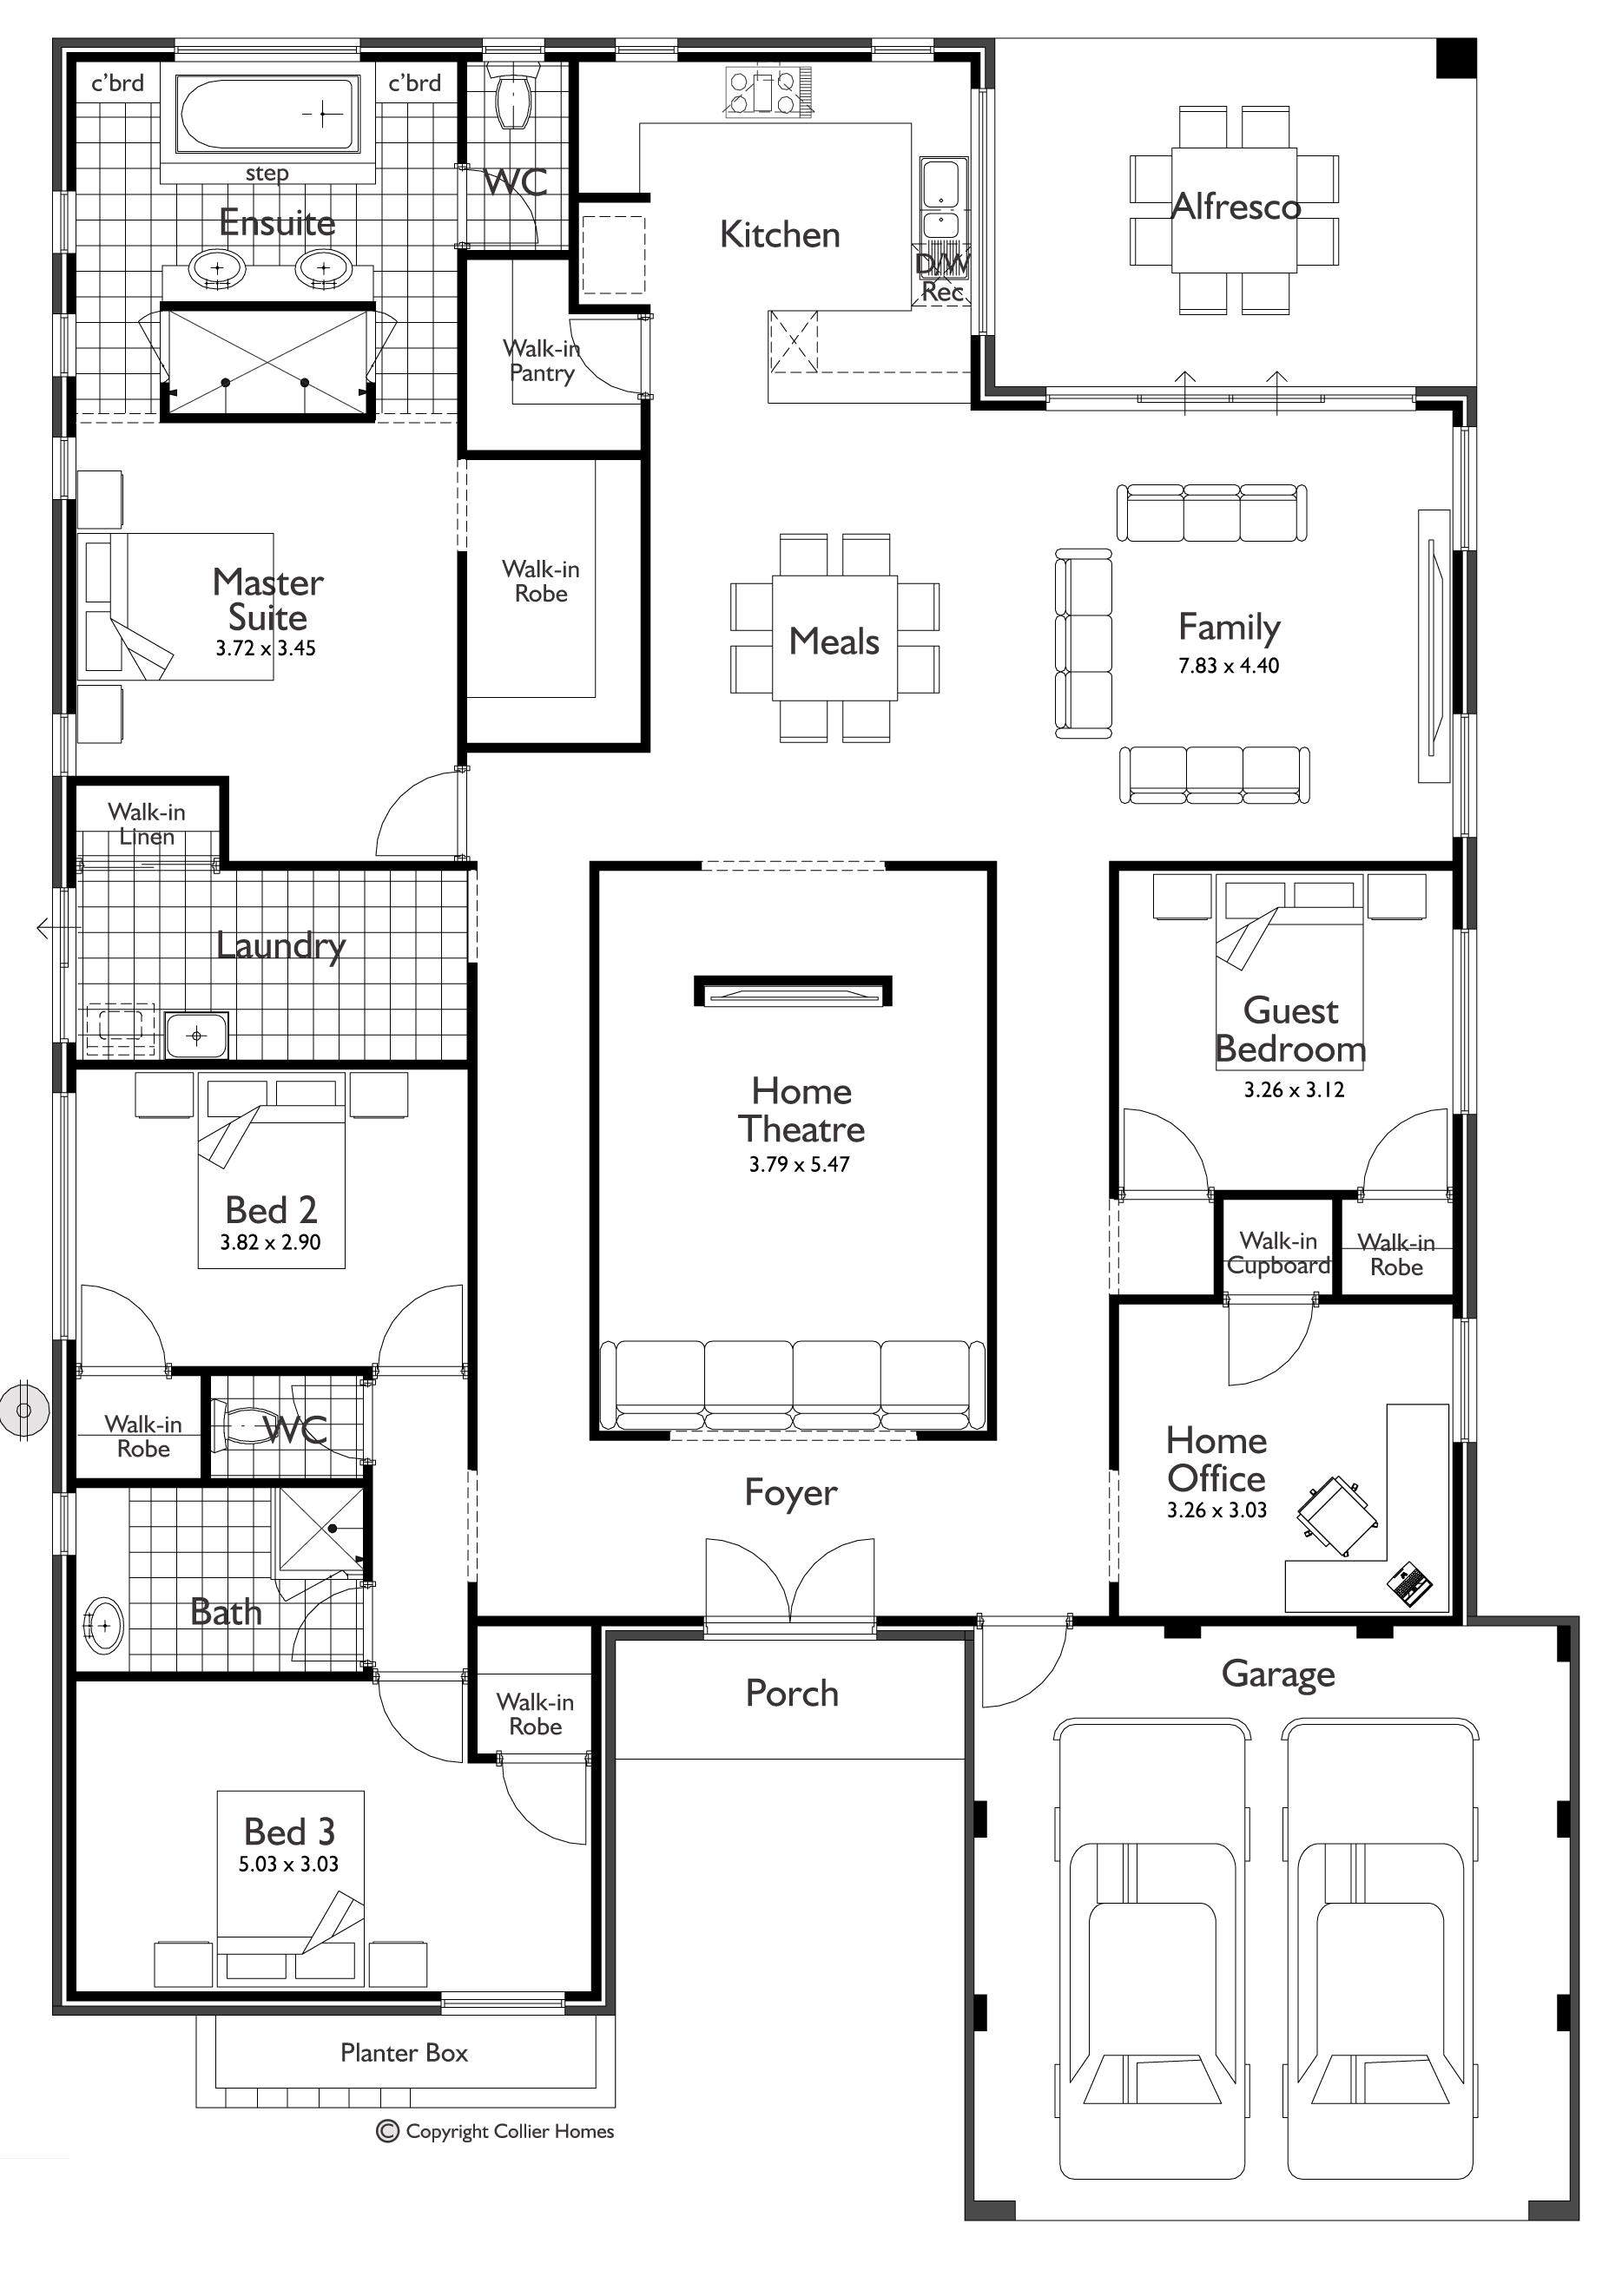 Floor Plan Friday Theatre Room